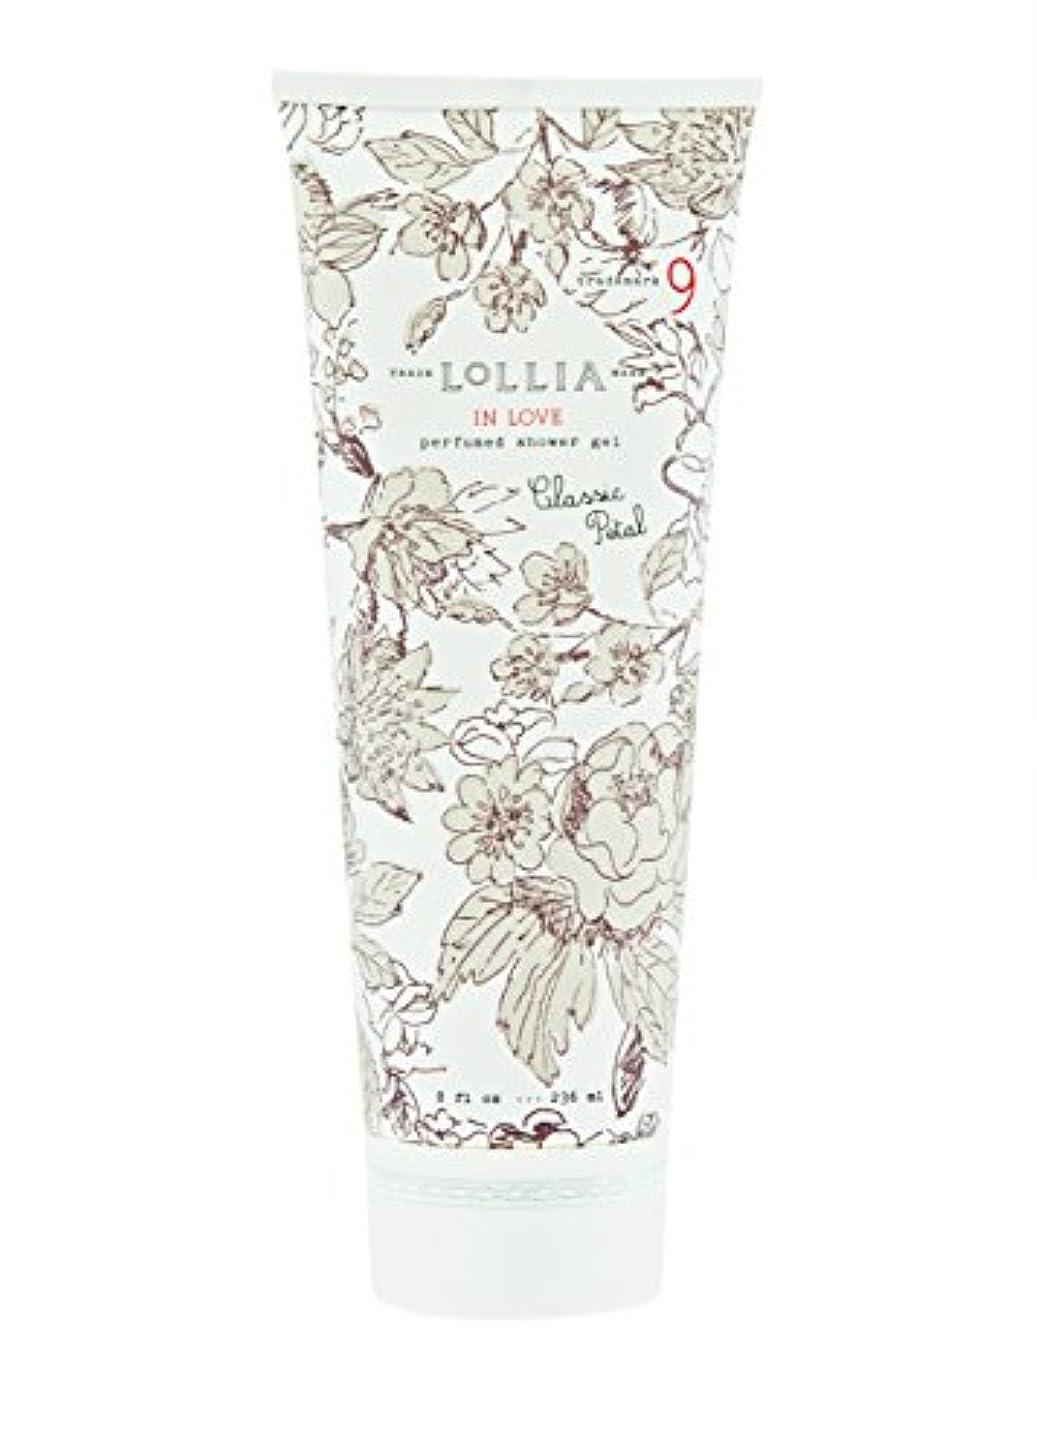 レビュー伝説インクロリア(LoLLIA) パフュームドシャワージェル InLove 236ml(全身用洗浄料 ボディーソープ アップルブロッサム、ジャスミン、ローズのフルーティで爽やかな香り)